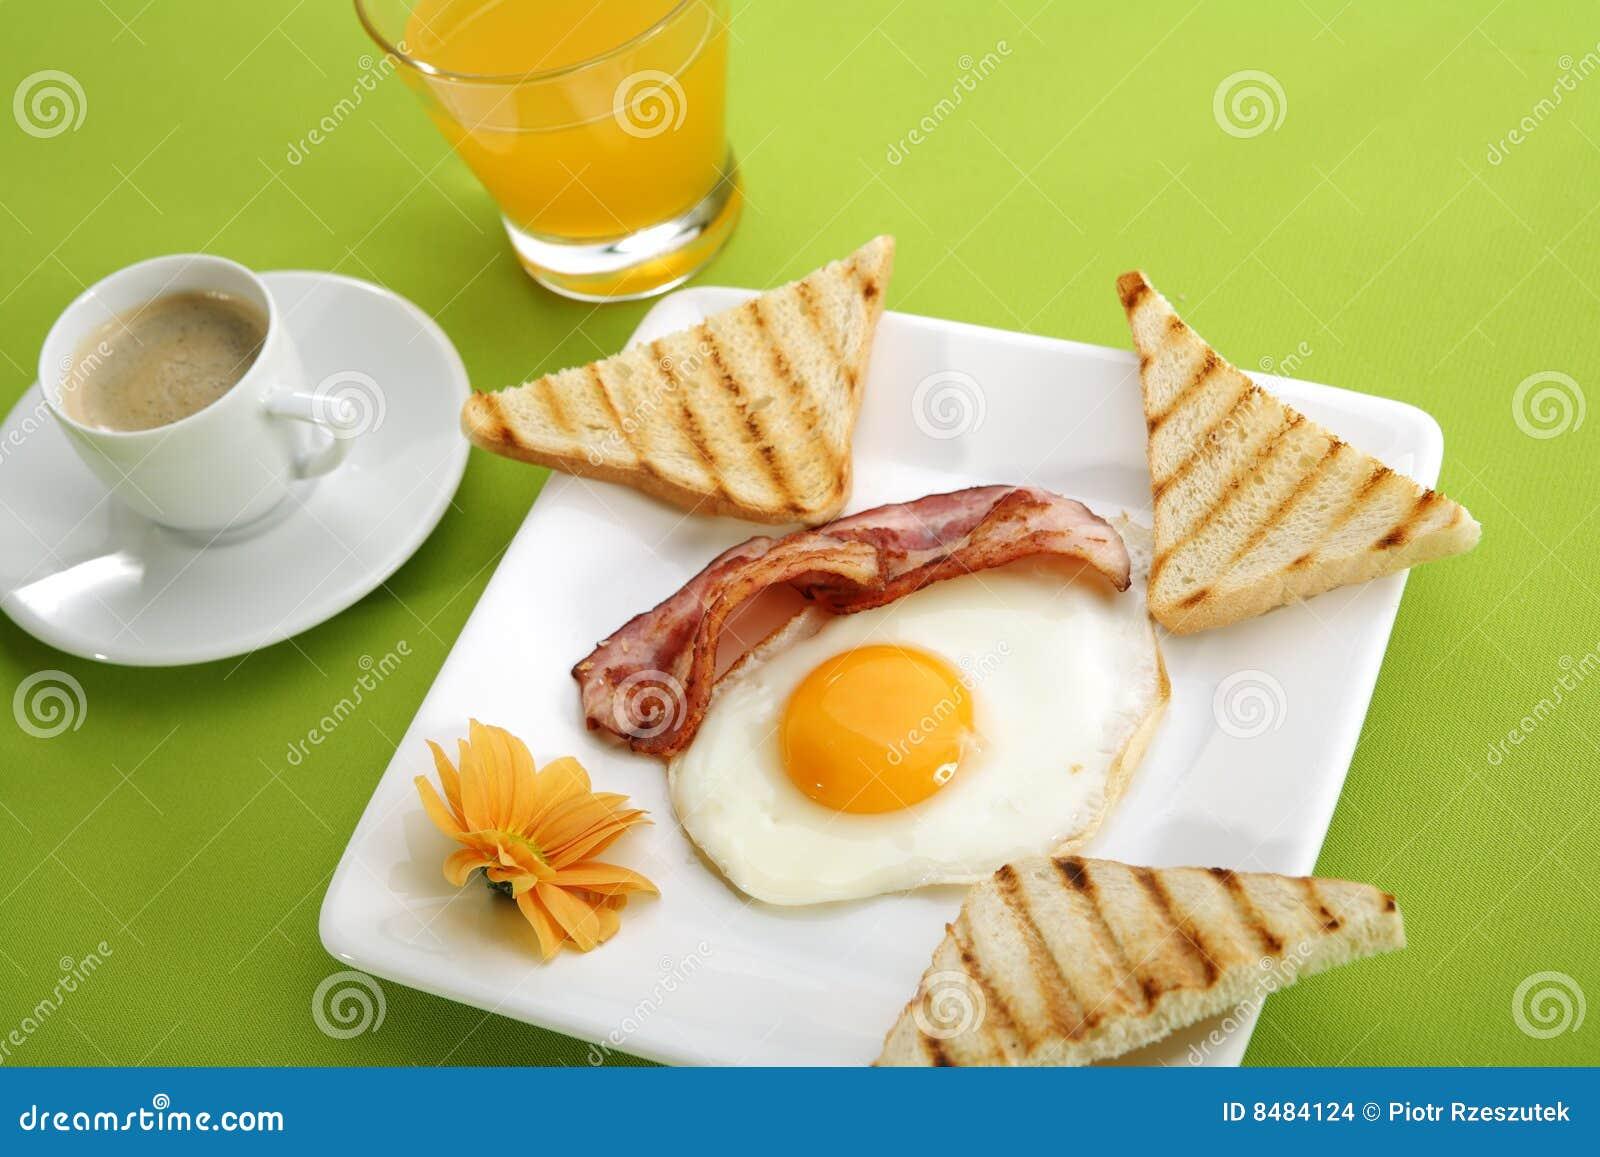 Breakfast - Toasts, Eg...